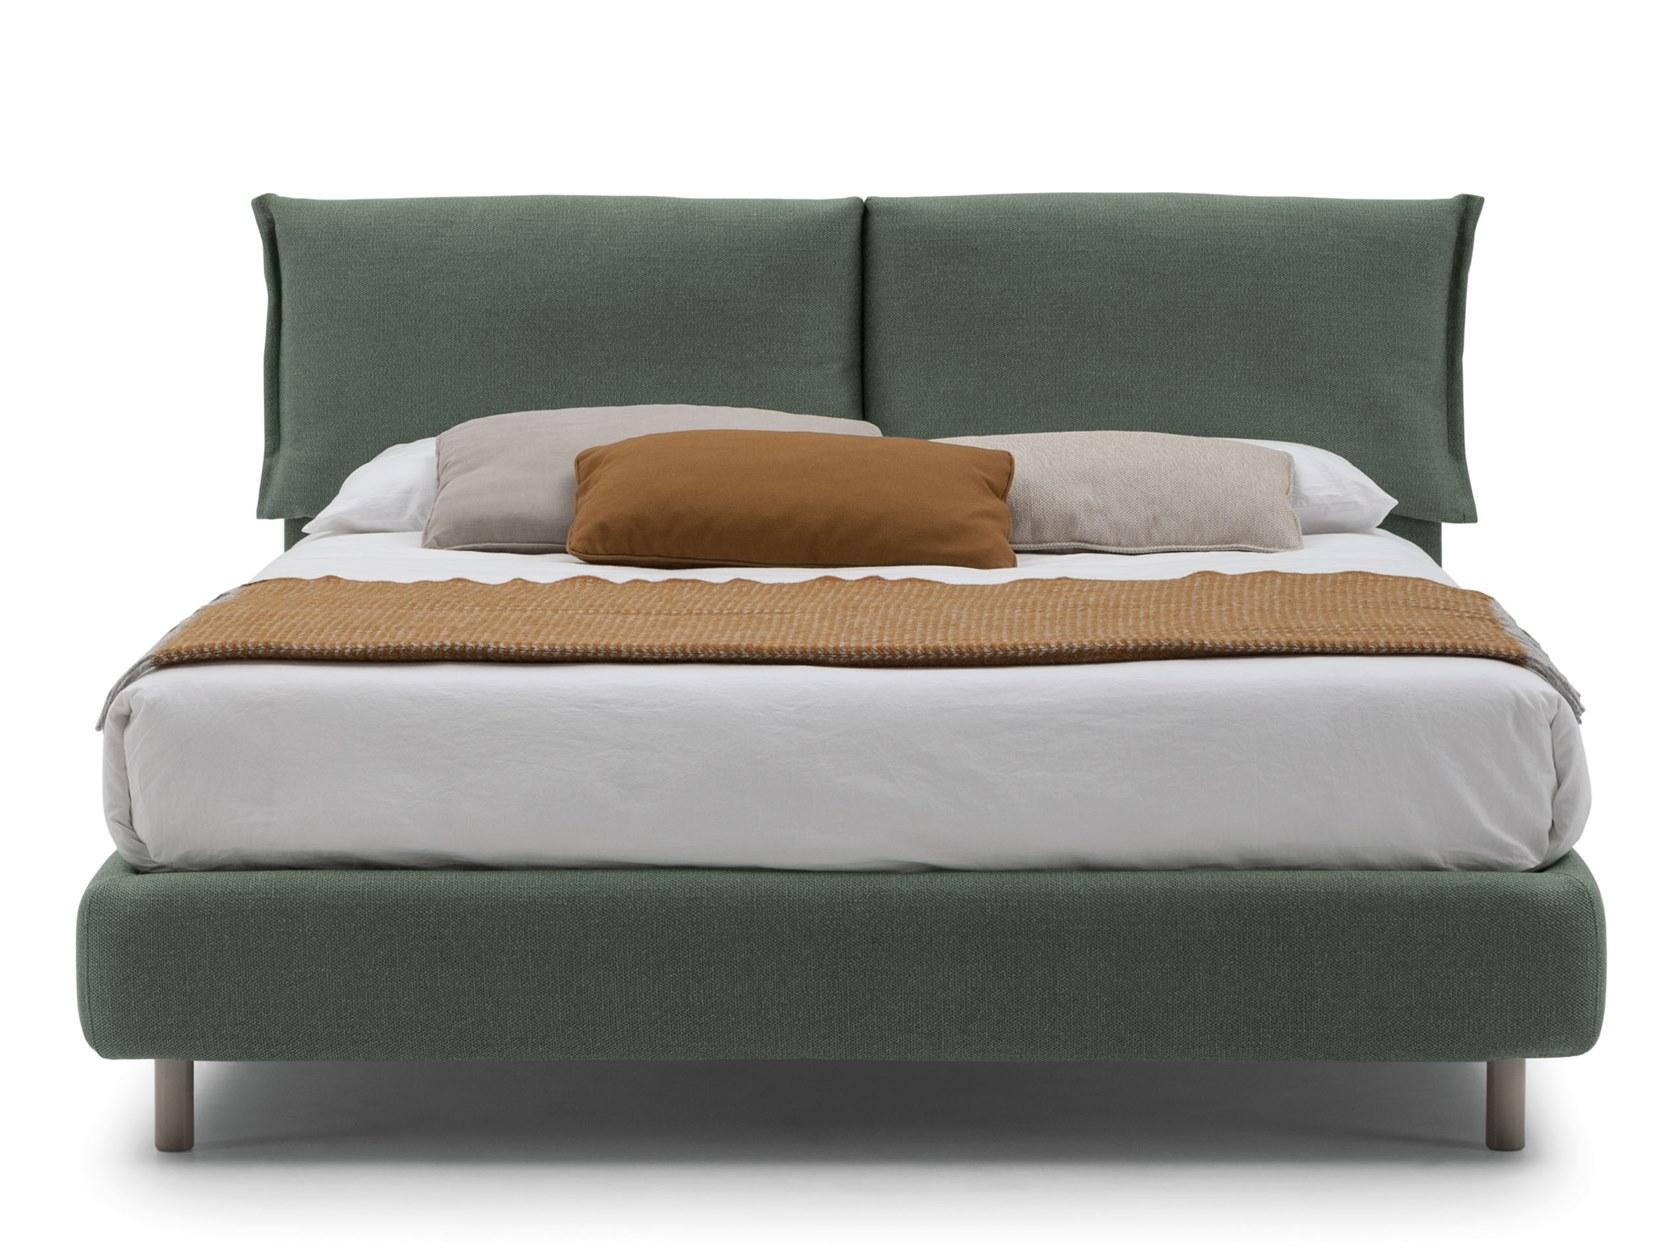 Iorca Bed